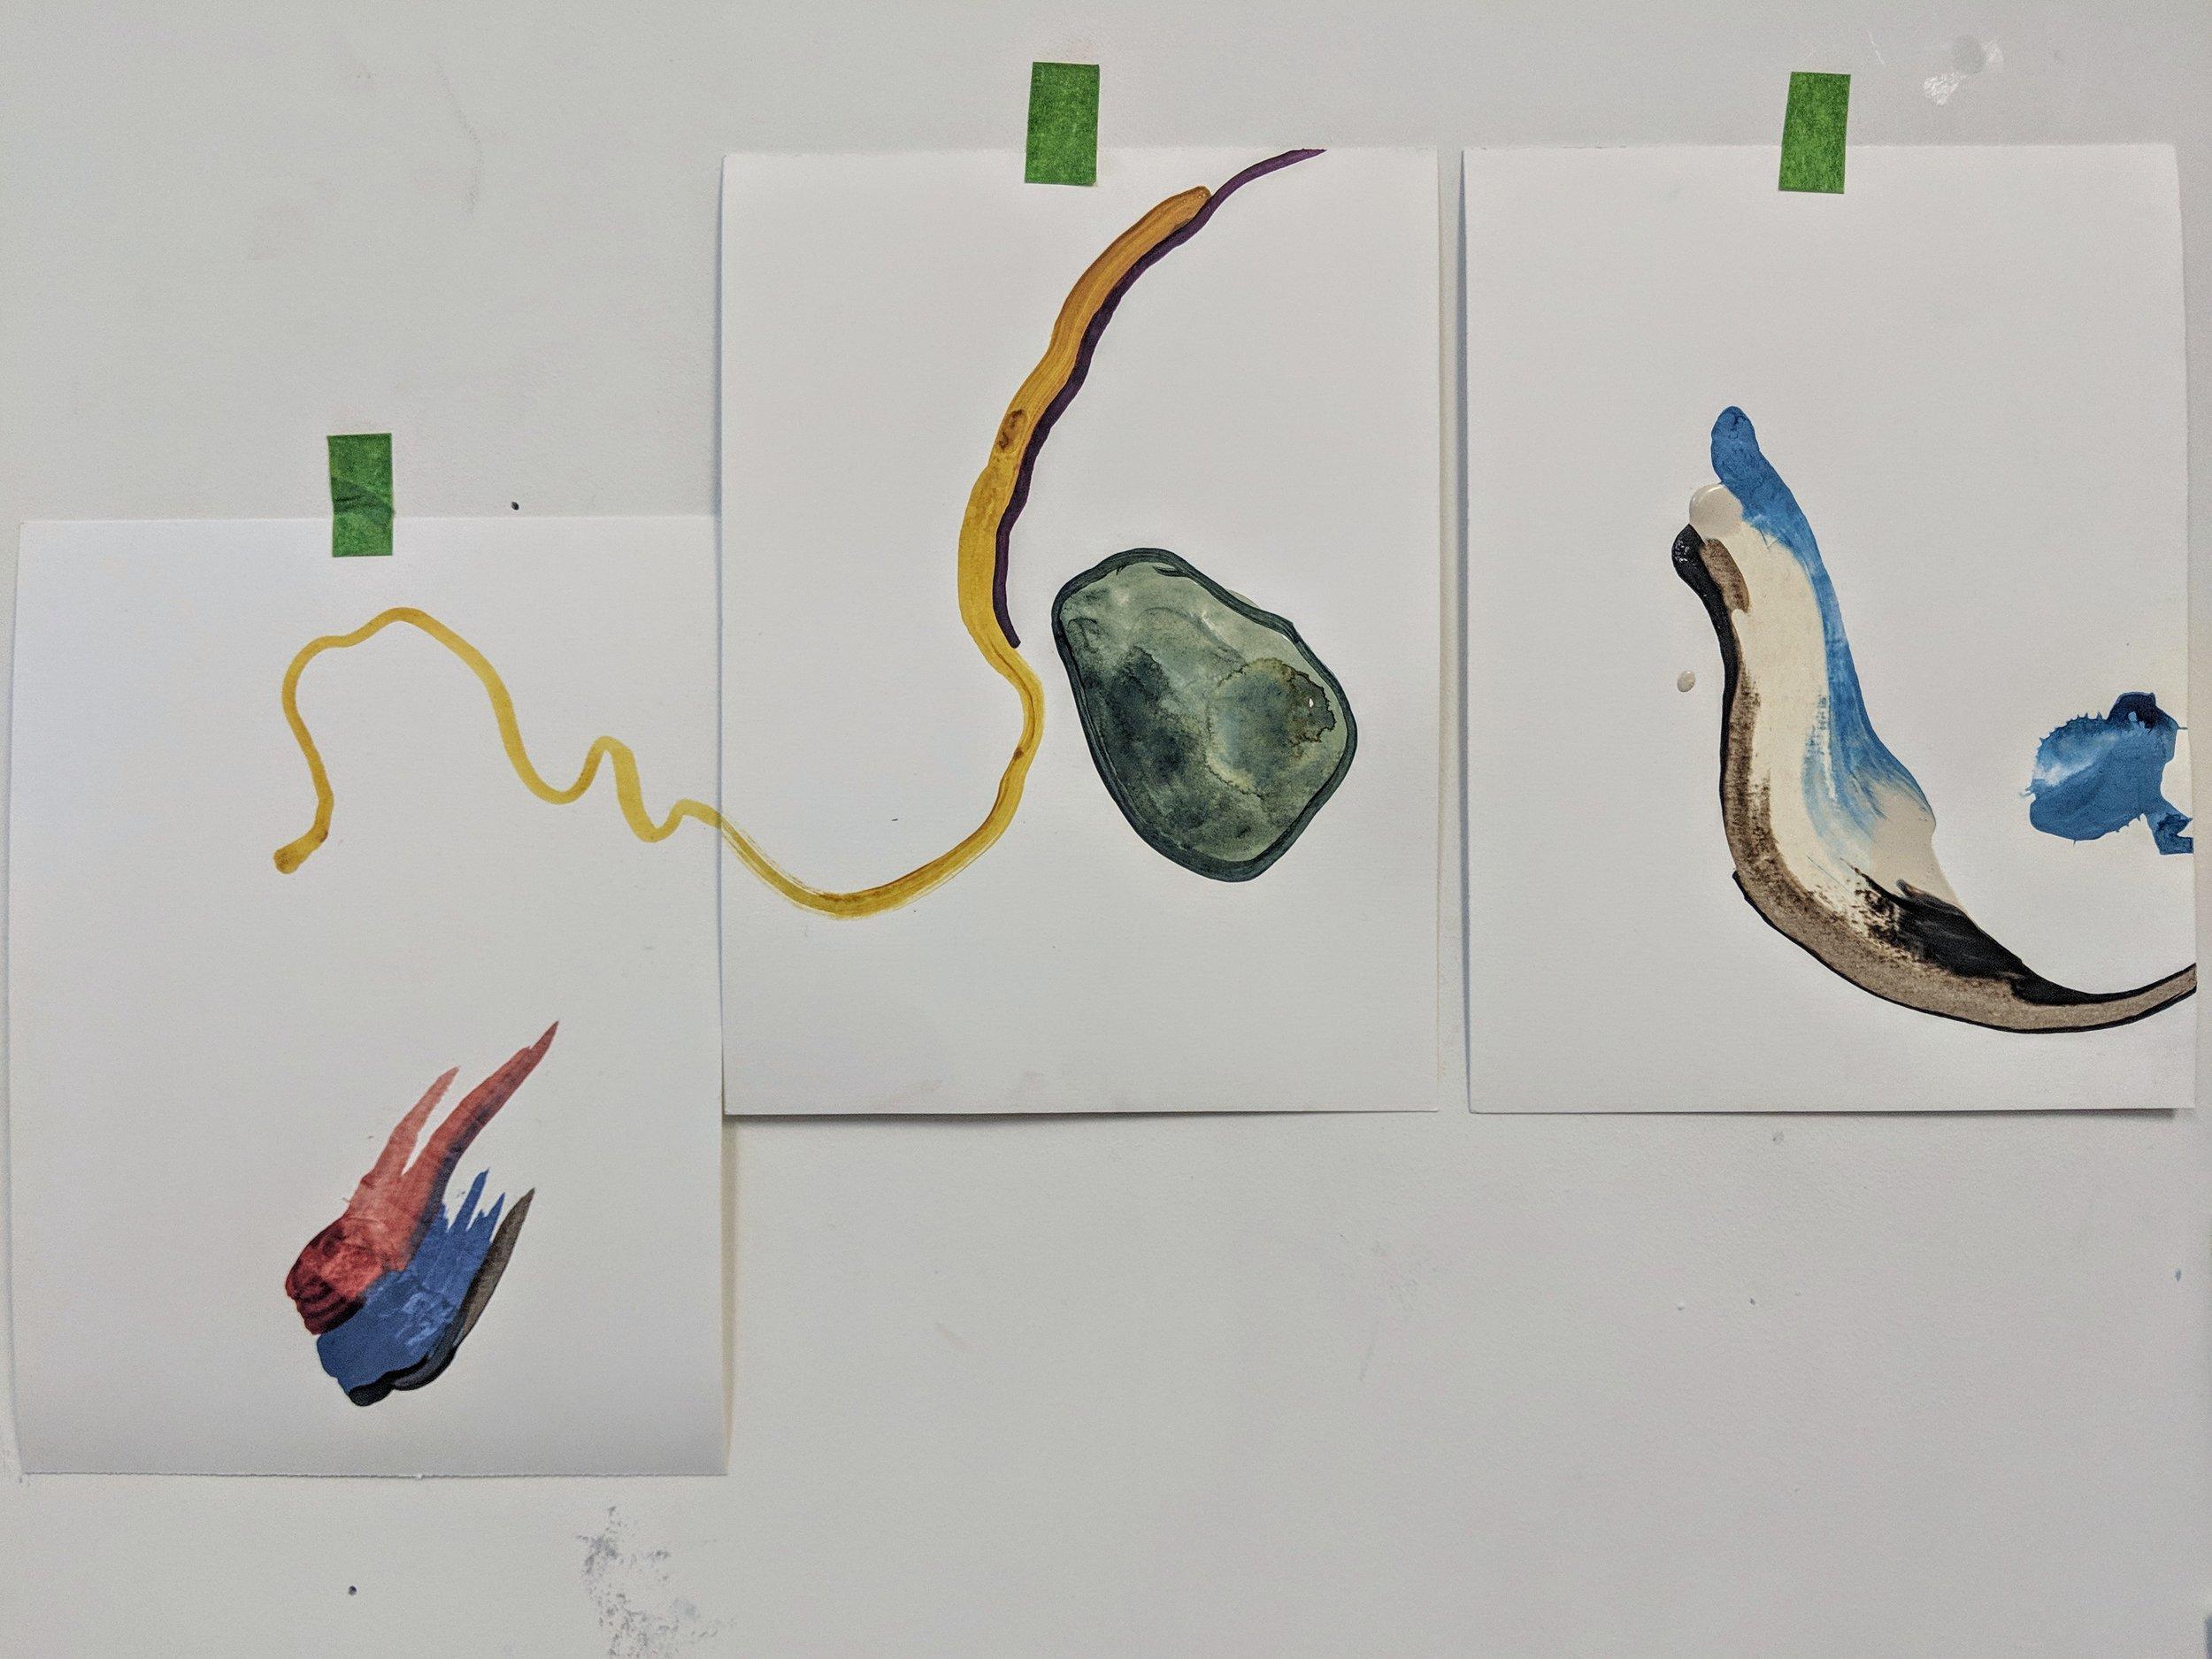 golden-thread-breath-triptych.jpg